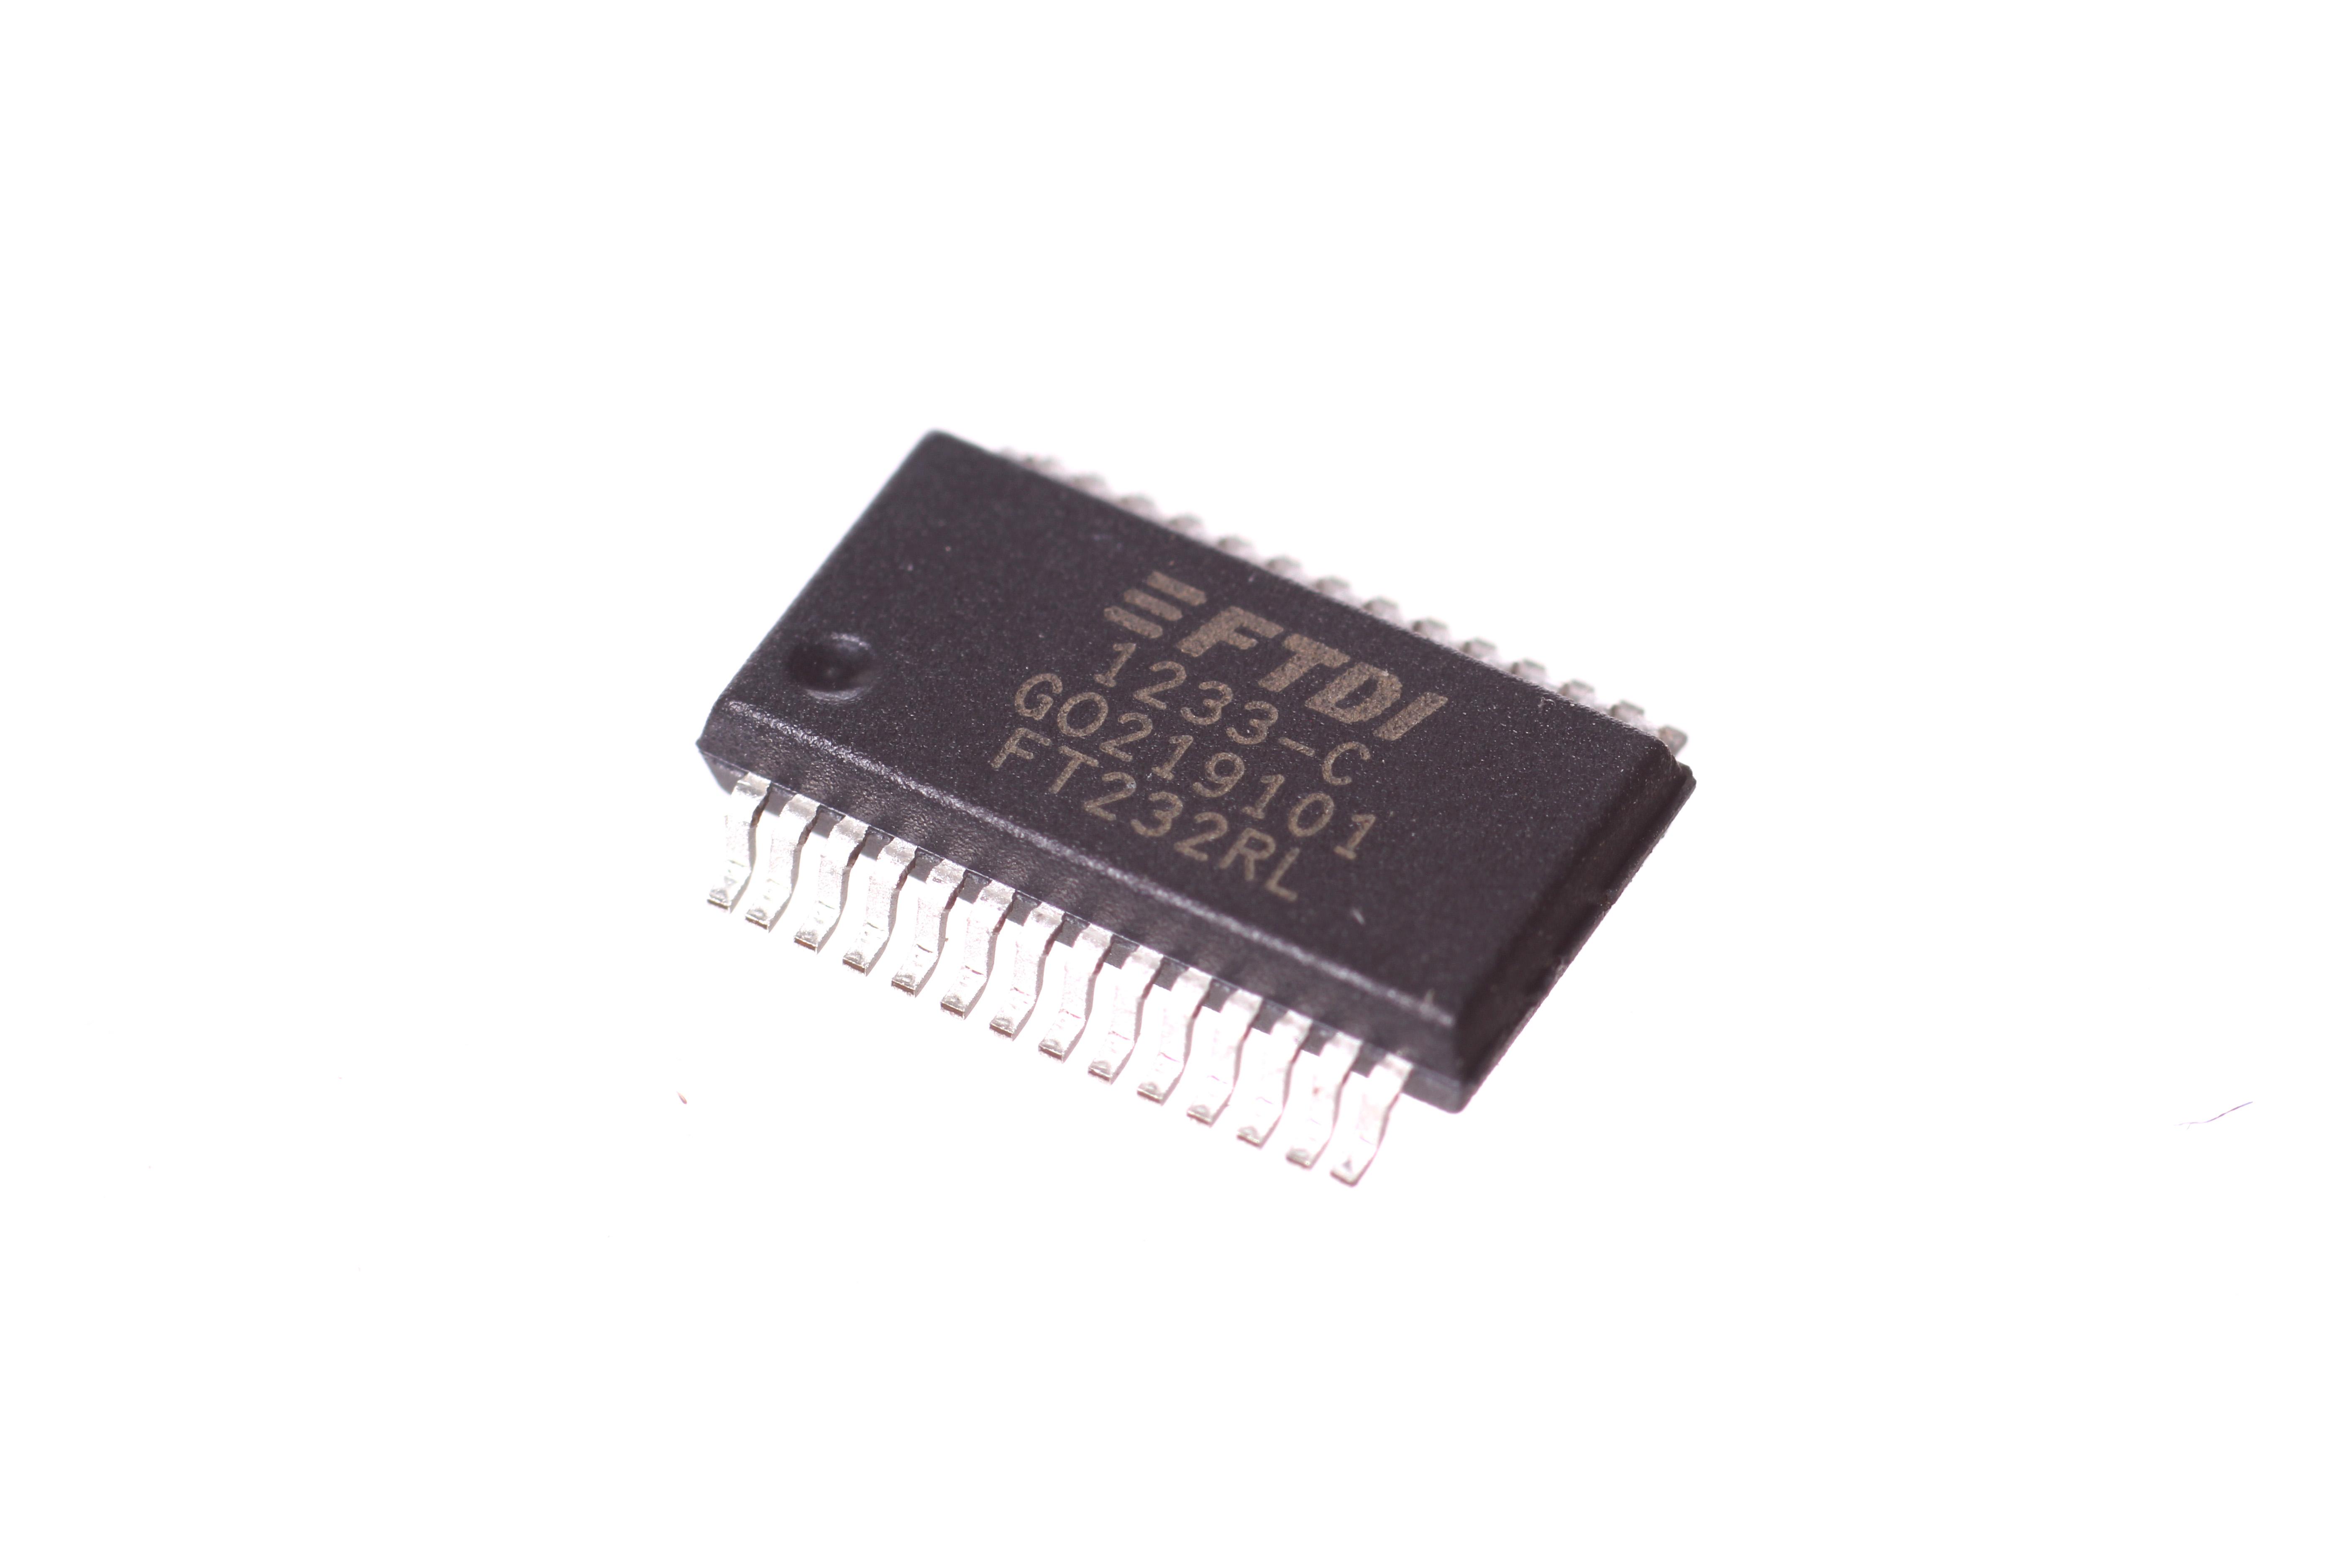 File:FT232R USB UART IC (SSOP) jpg - Wikimedia Commons